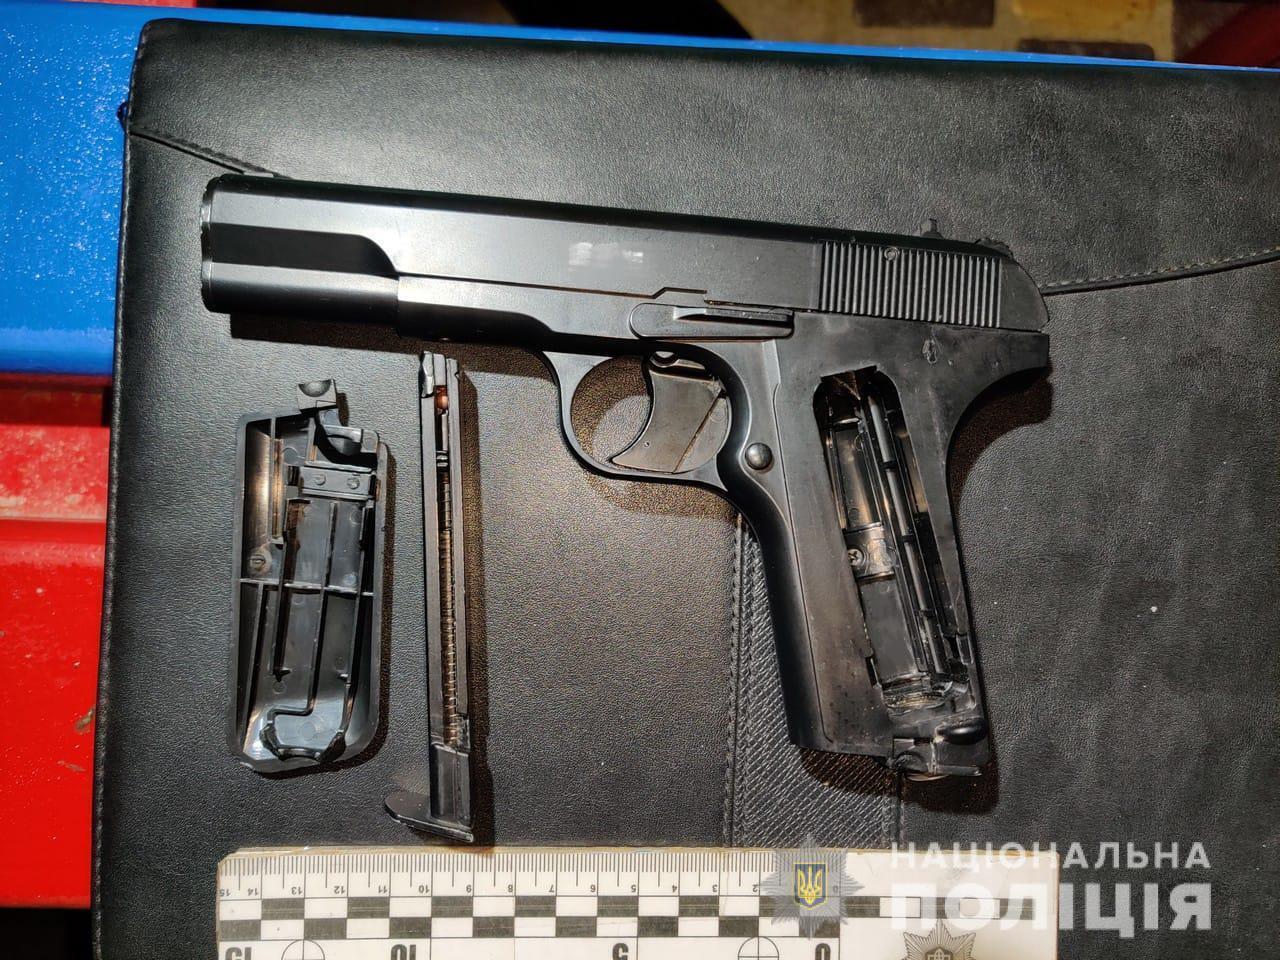 15-летний подросток приобрел пистолет в интернете